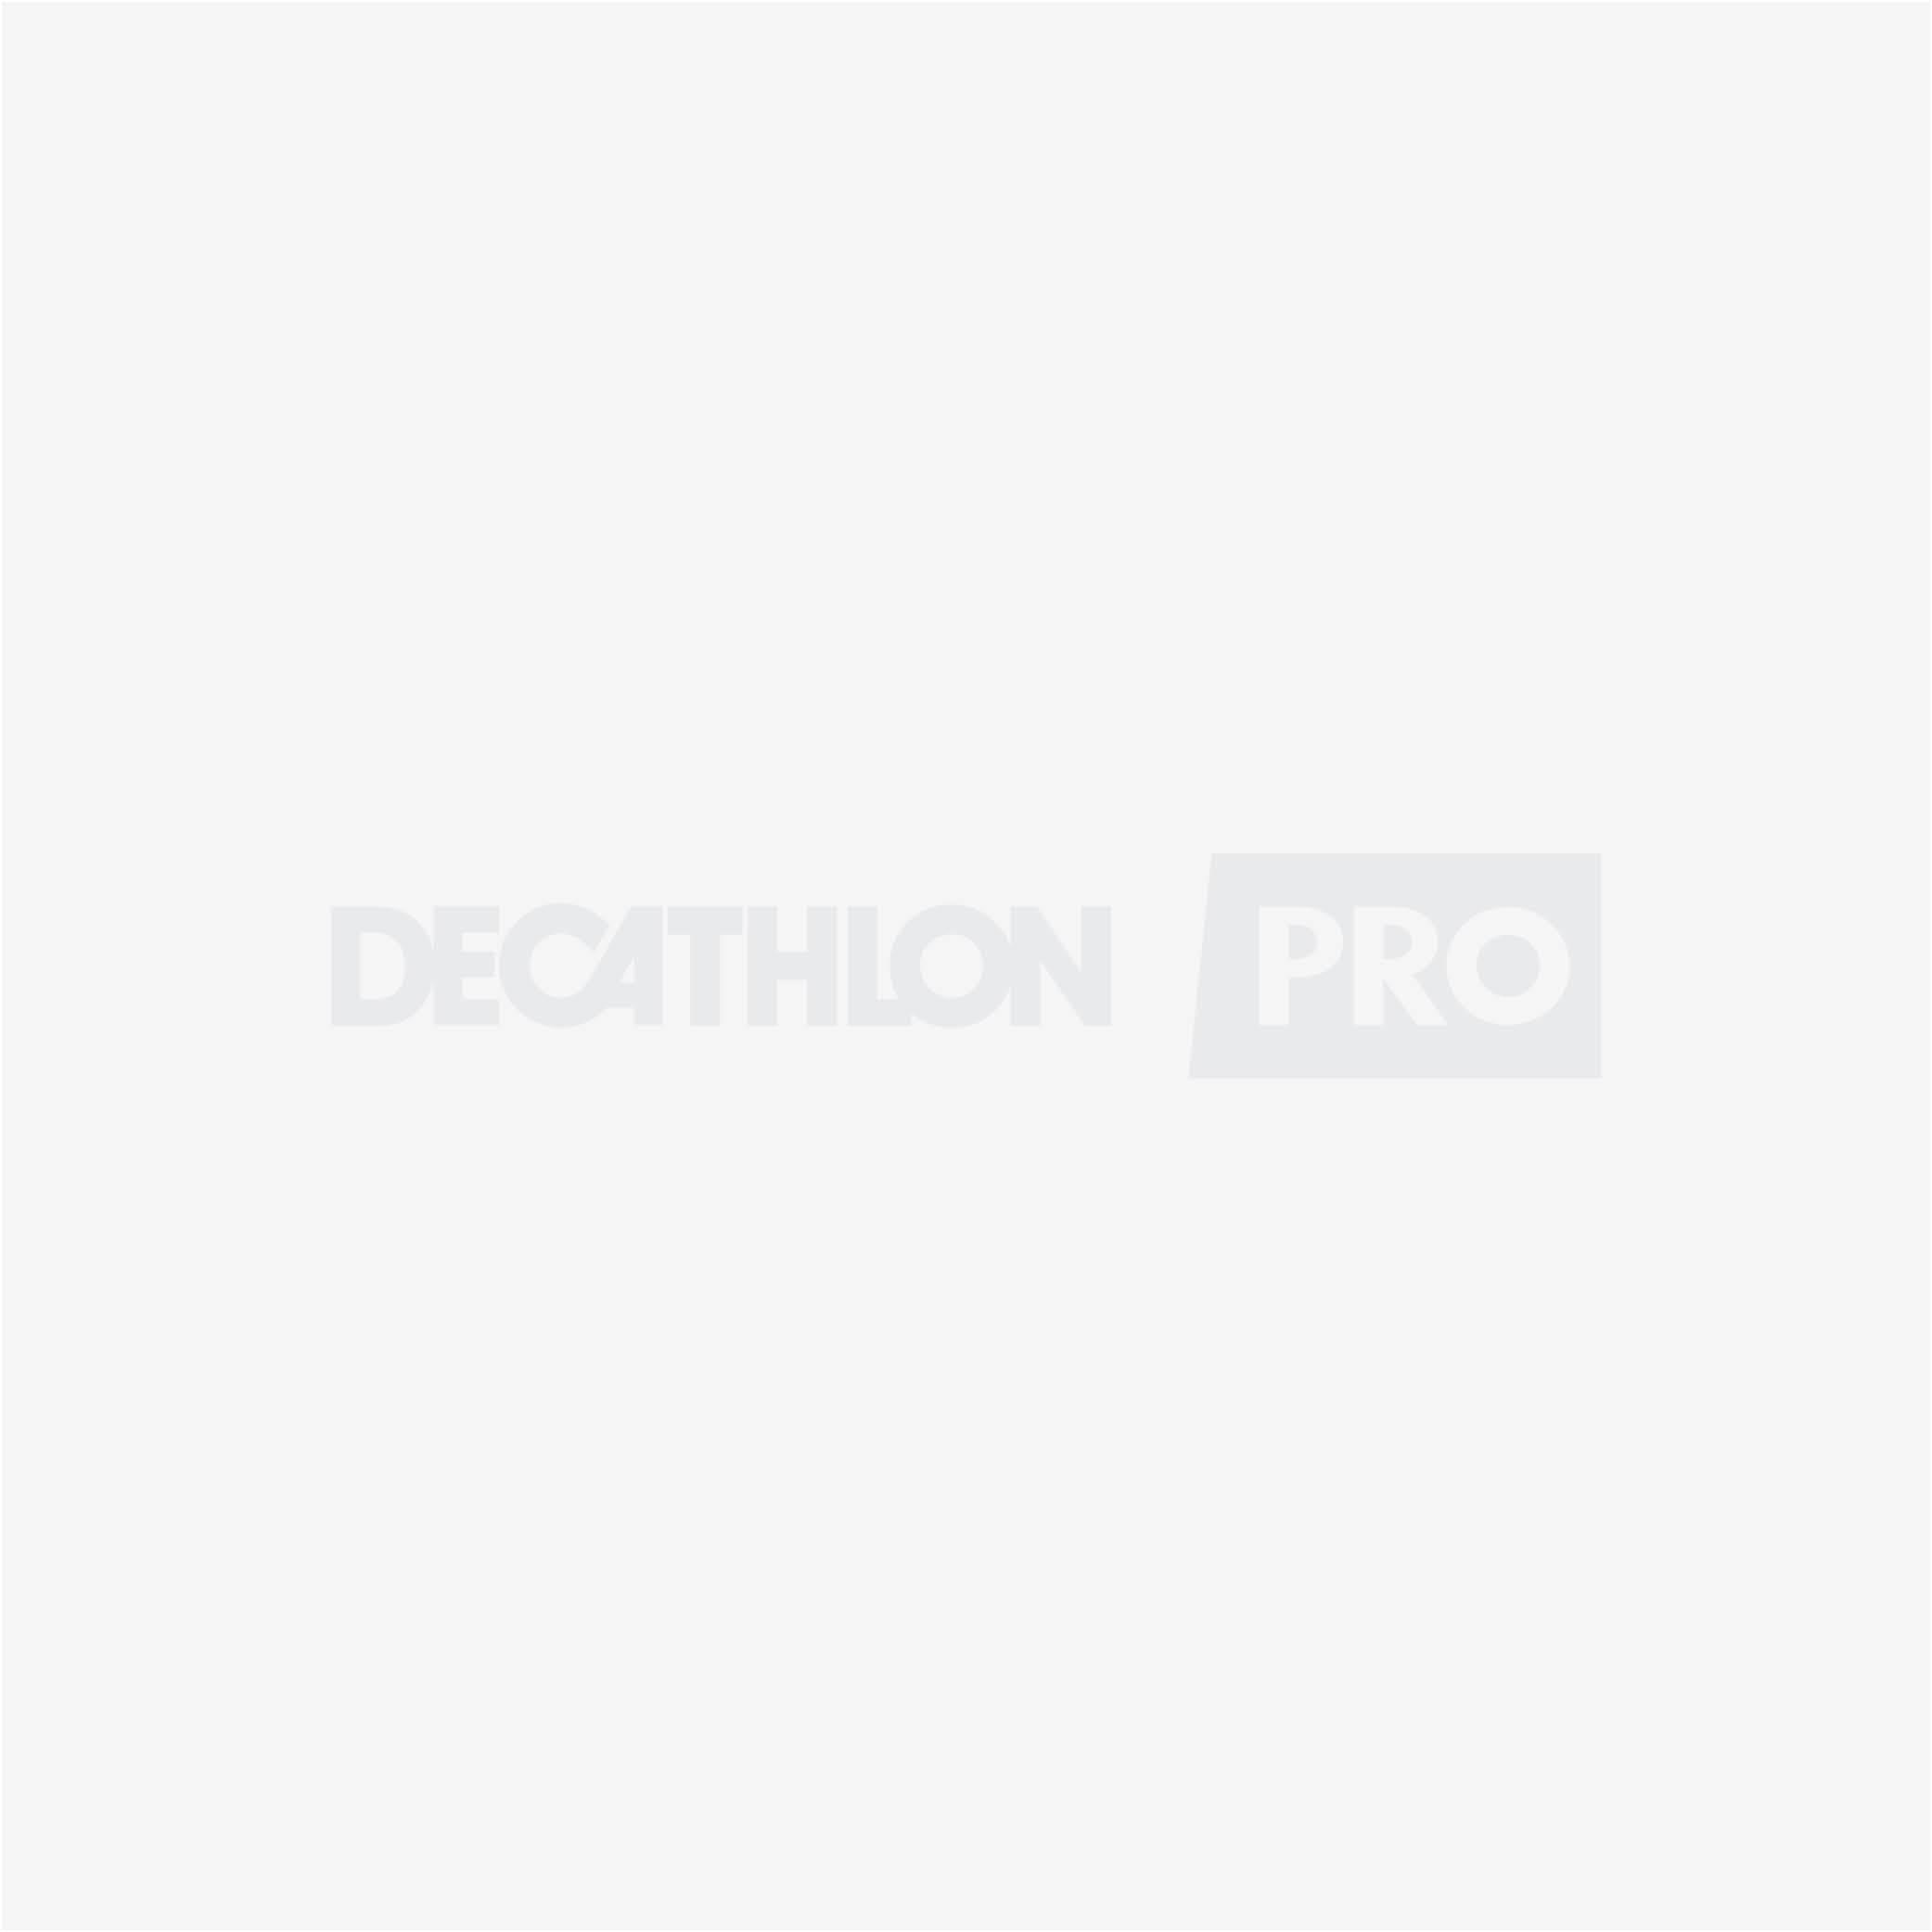 S14_BAN_REEBOK.jpg